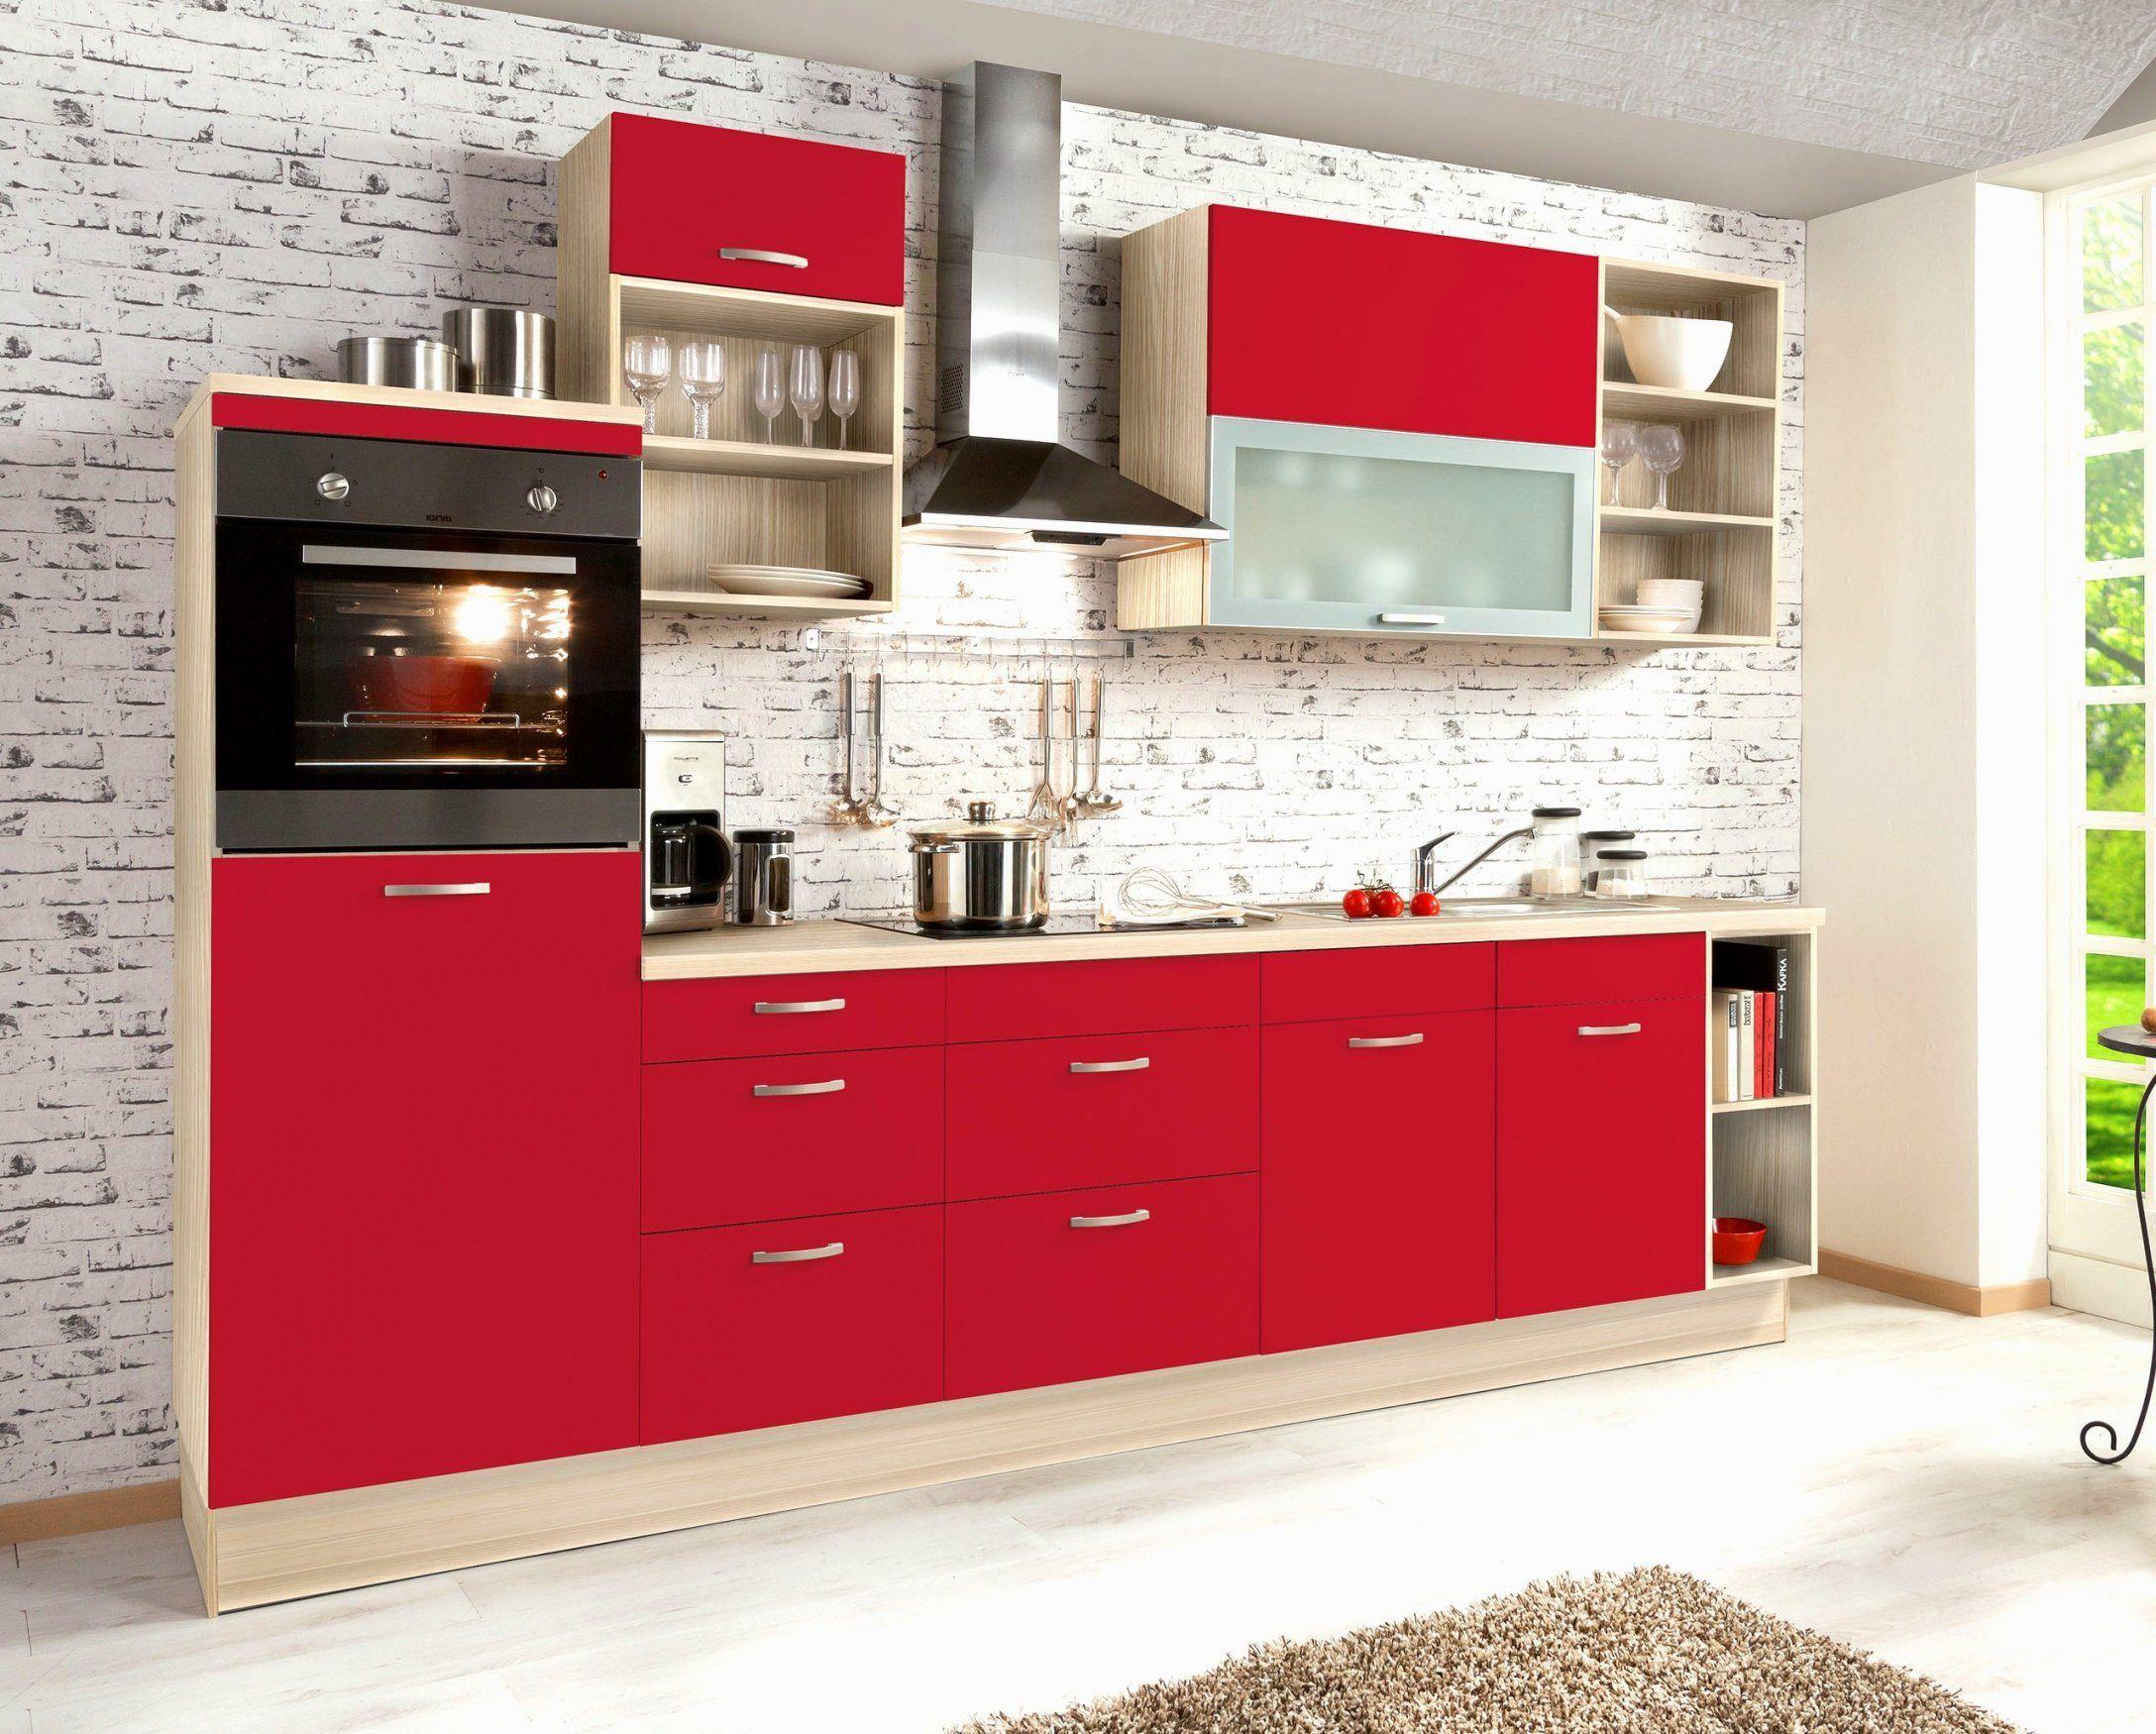 Günstige Einbauküchen Mit Elektrogeräten Schön Awesome ...